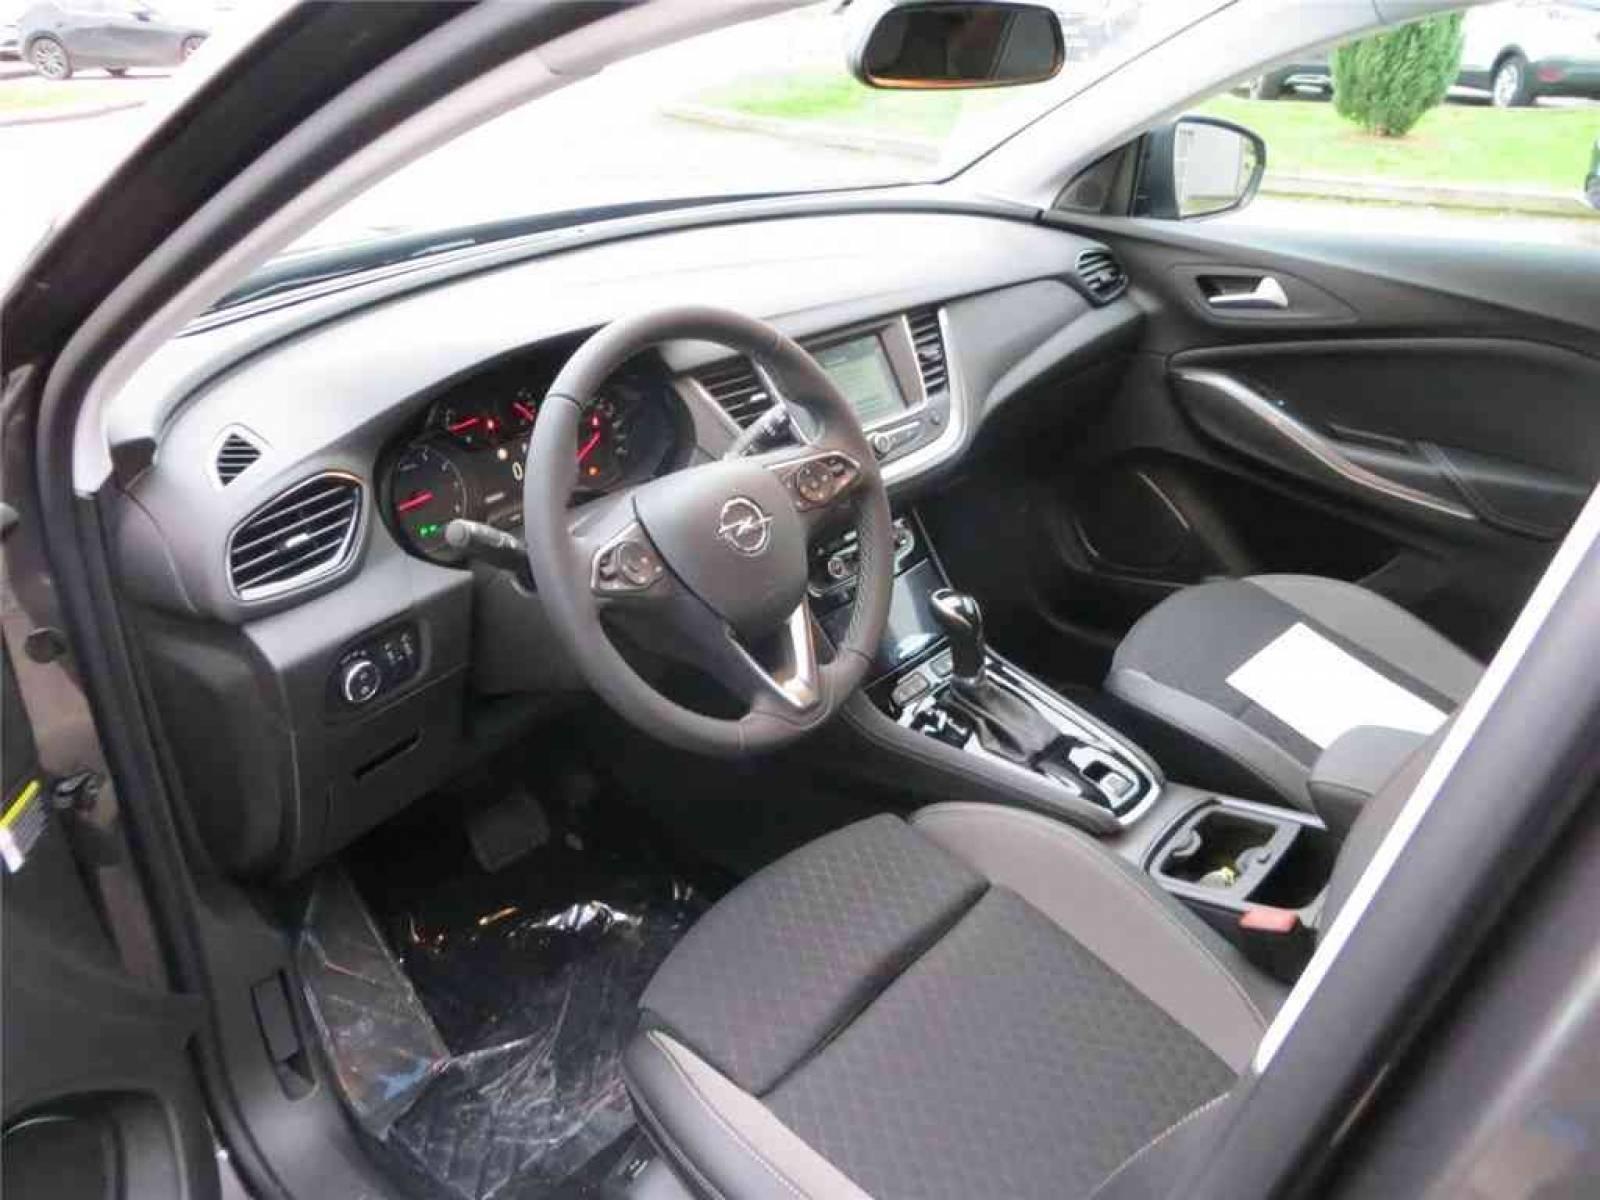 OPEL Grandland X 1.5 Diesel 130 ch BVA8 - véhicule d'occasion - Groupe Guillet - Opel Magicauto - Montceau-les-Mines - 71300 - Montceau-les-Mines - 15